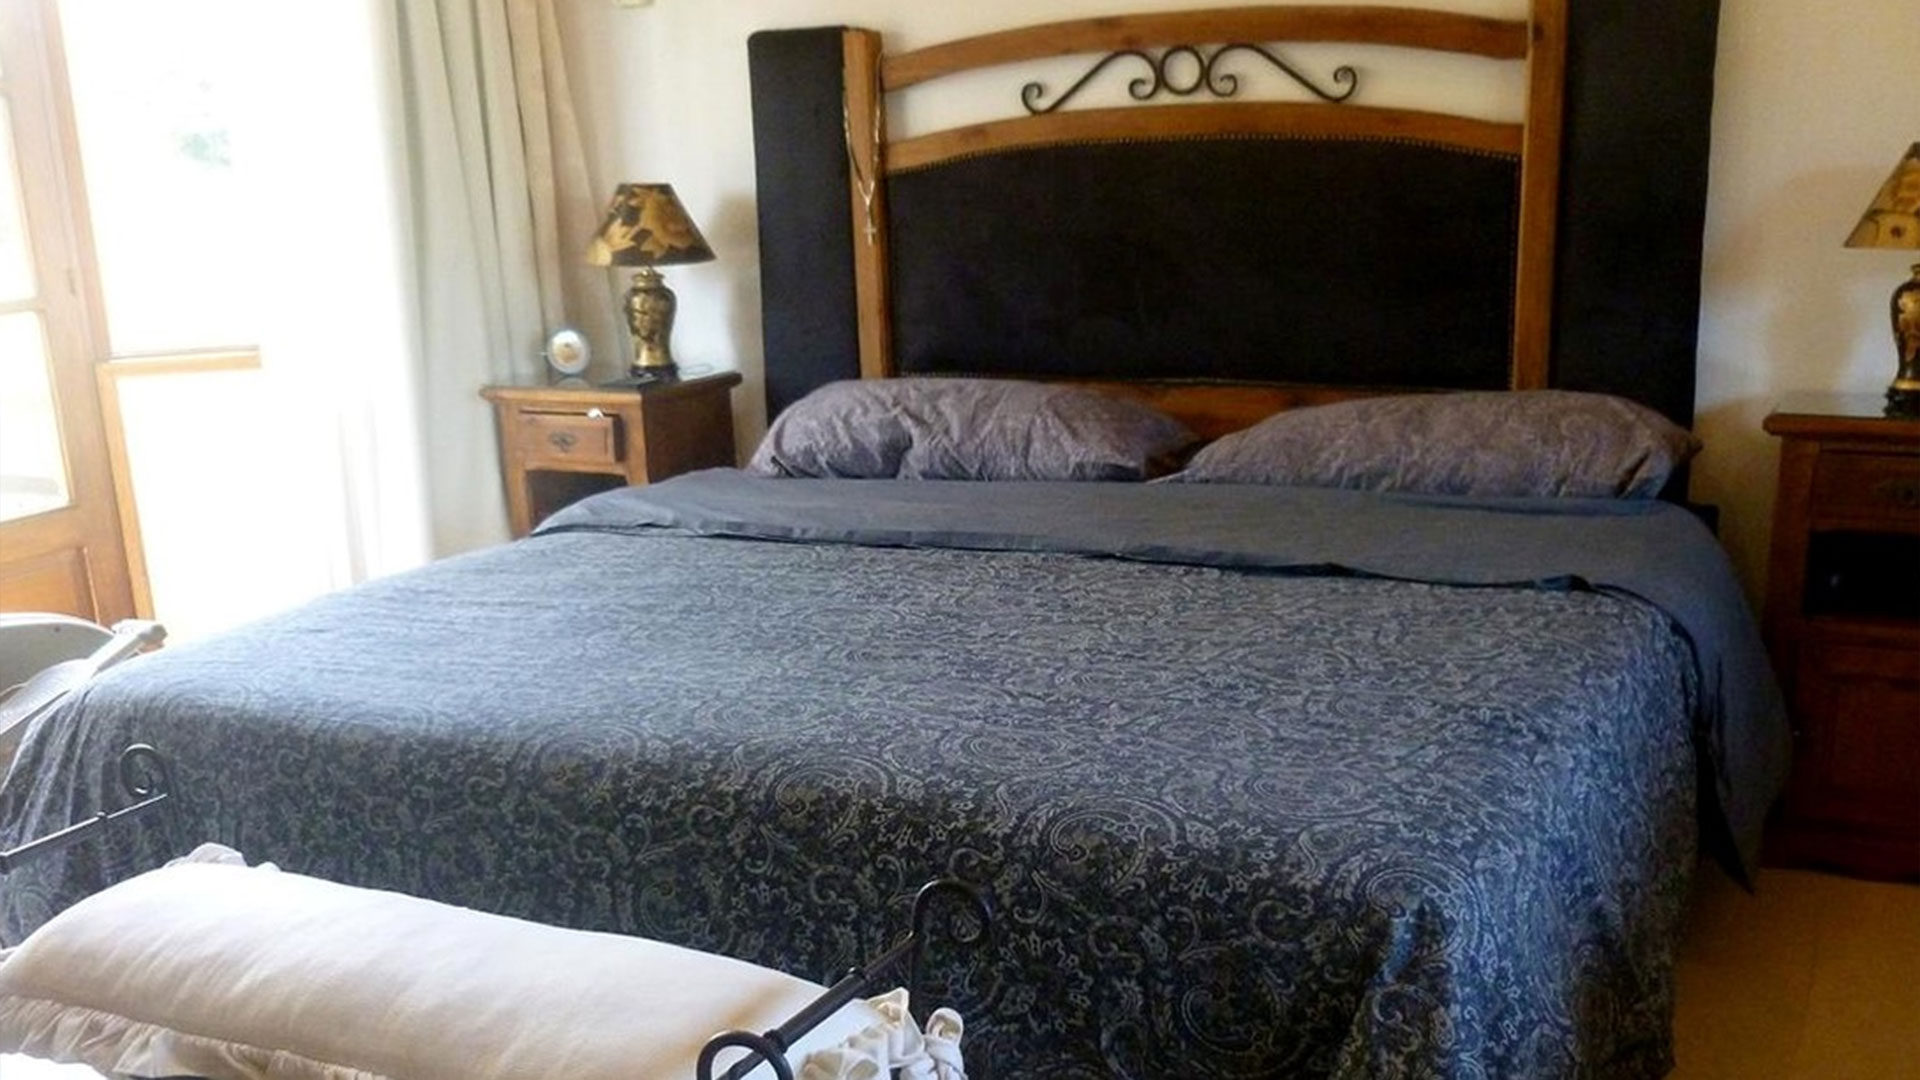 En total son diez dormitorios, en los que se realizaban las fiestas